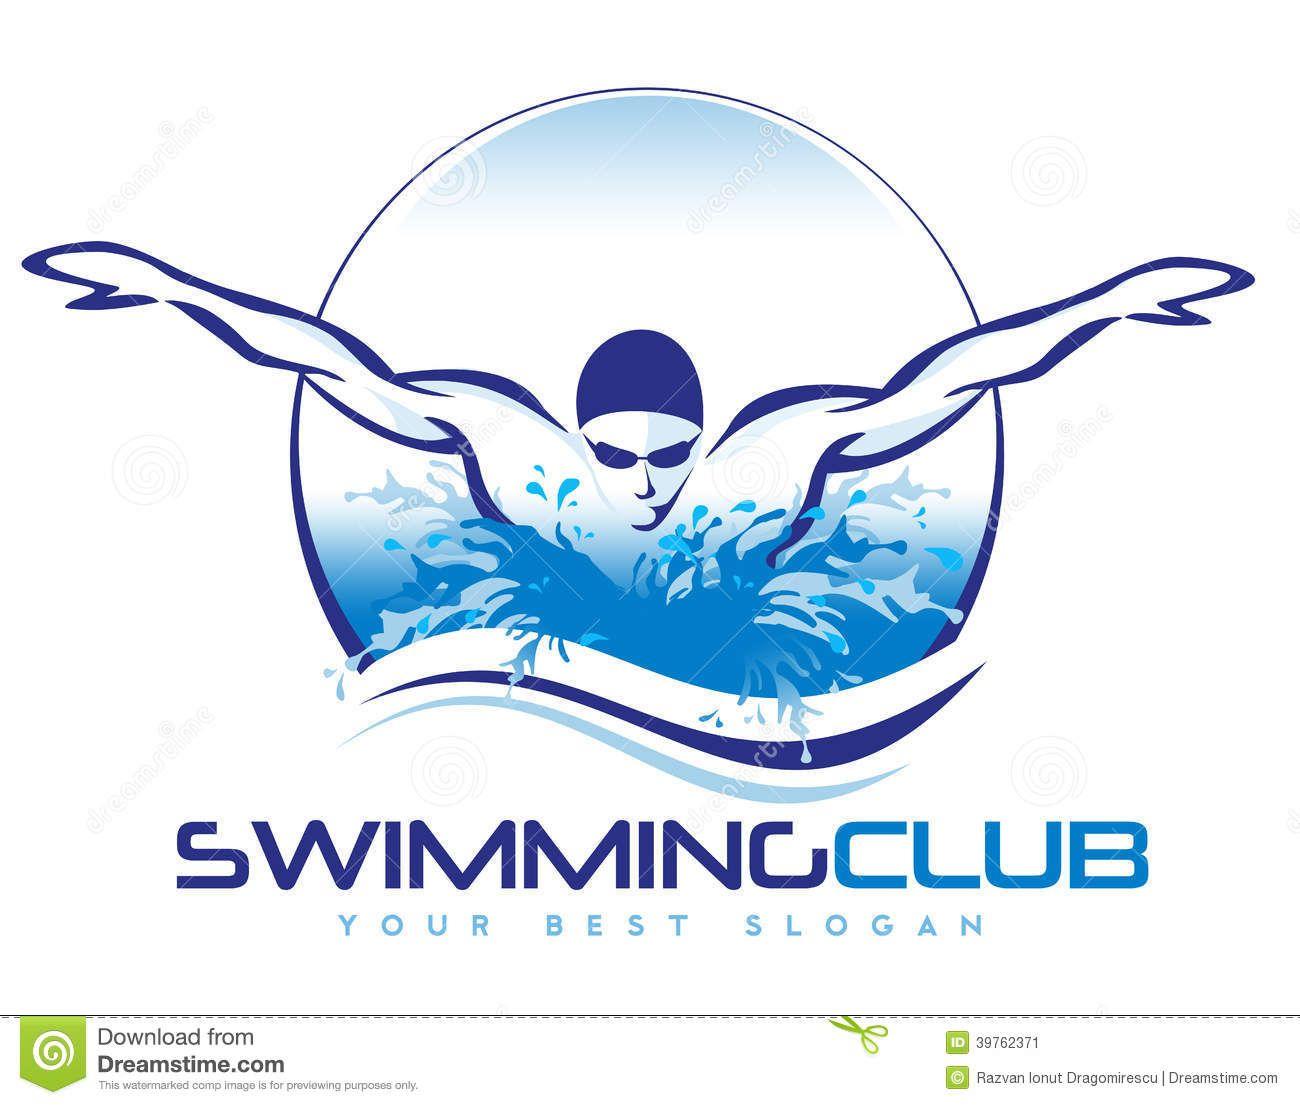 swimming logo stock illustration image 39762371 swimming logo rh pinterest com swimming logo shirts swimming logo shirts